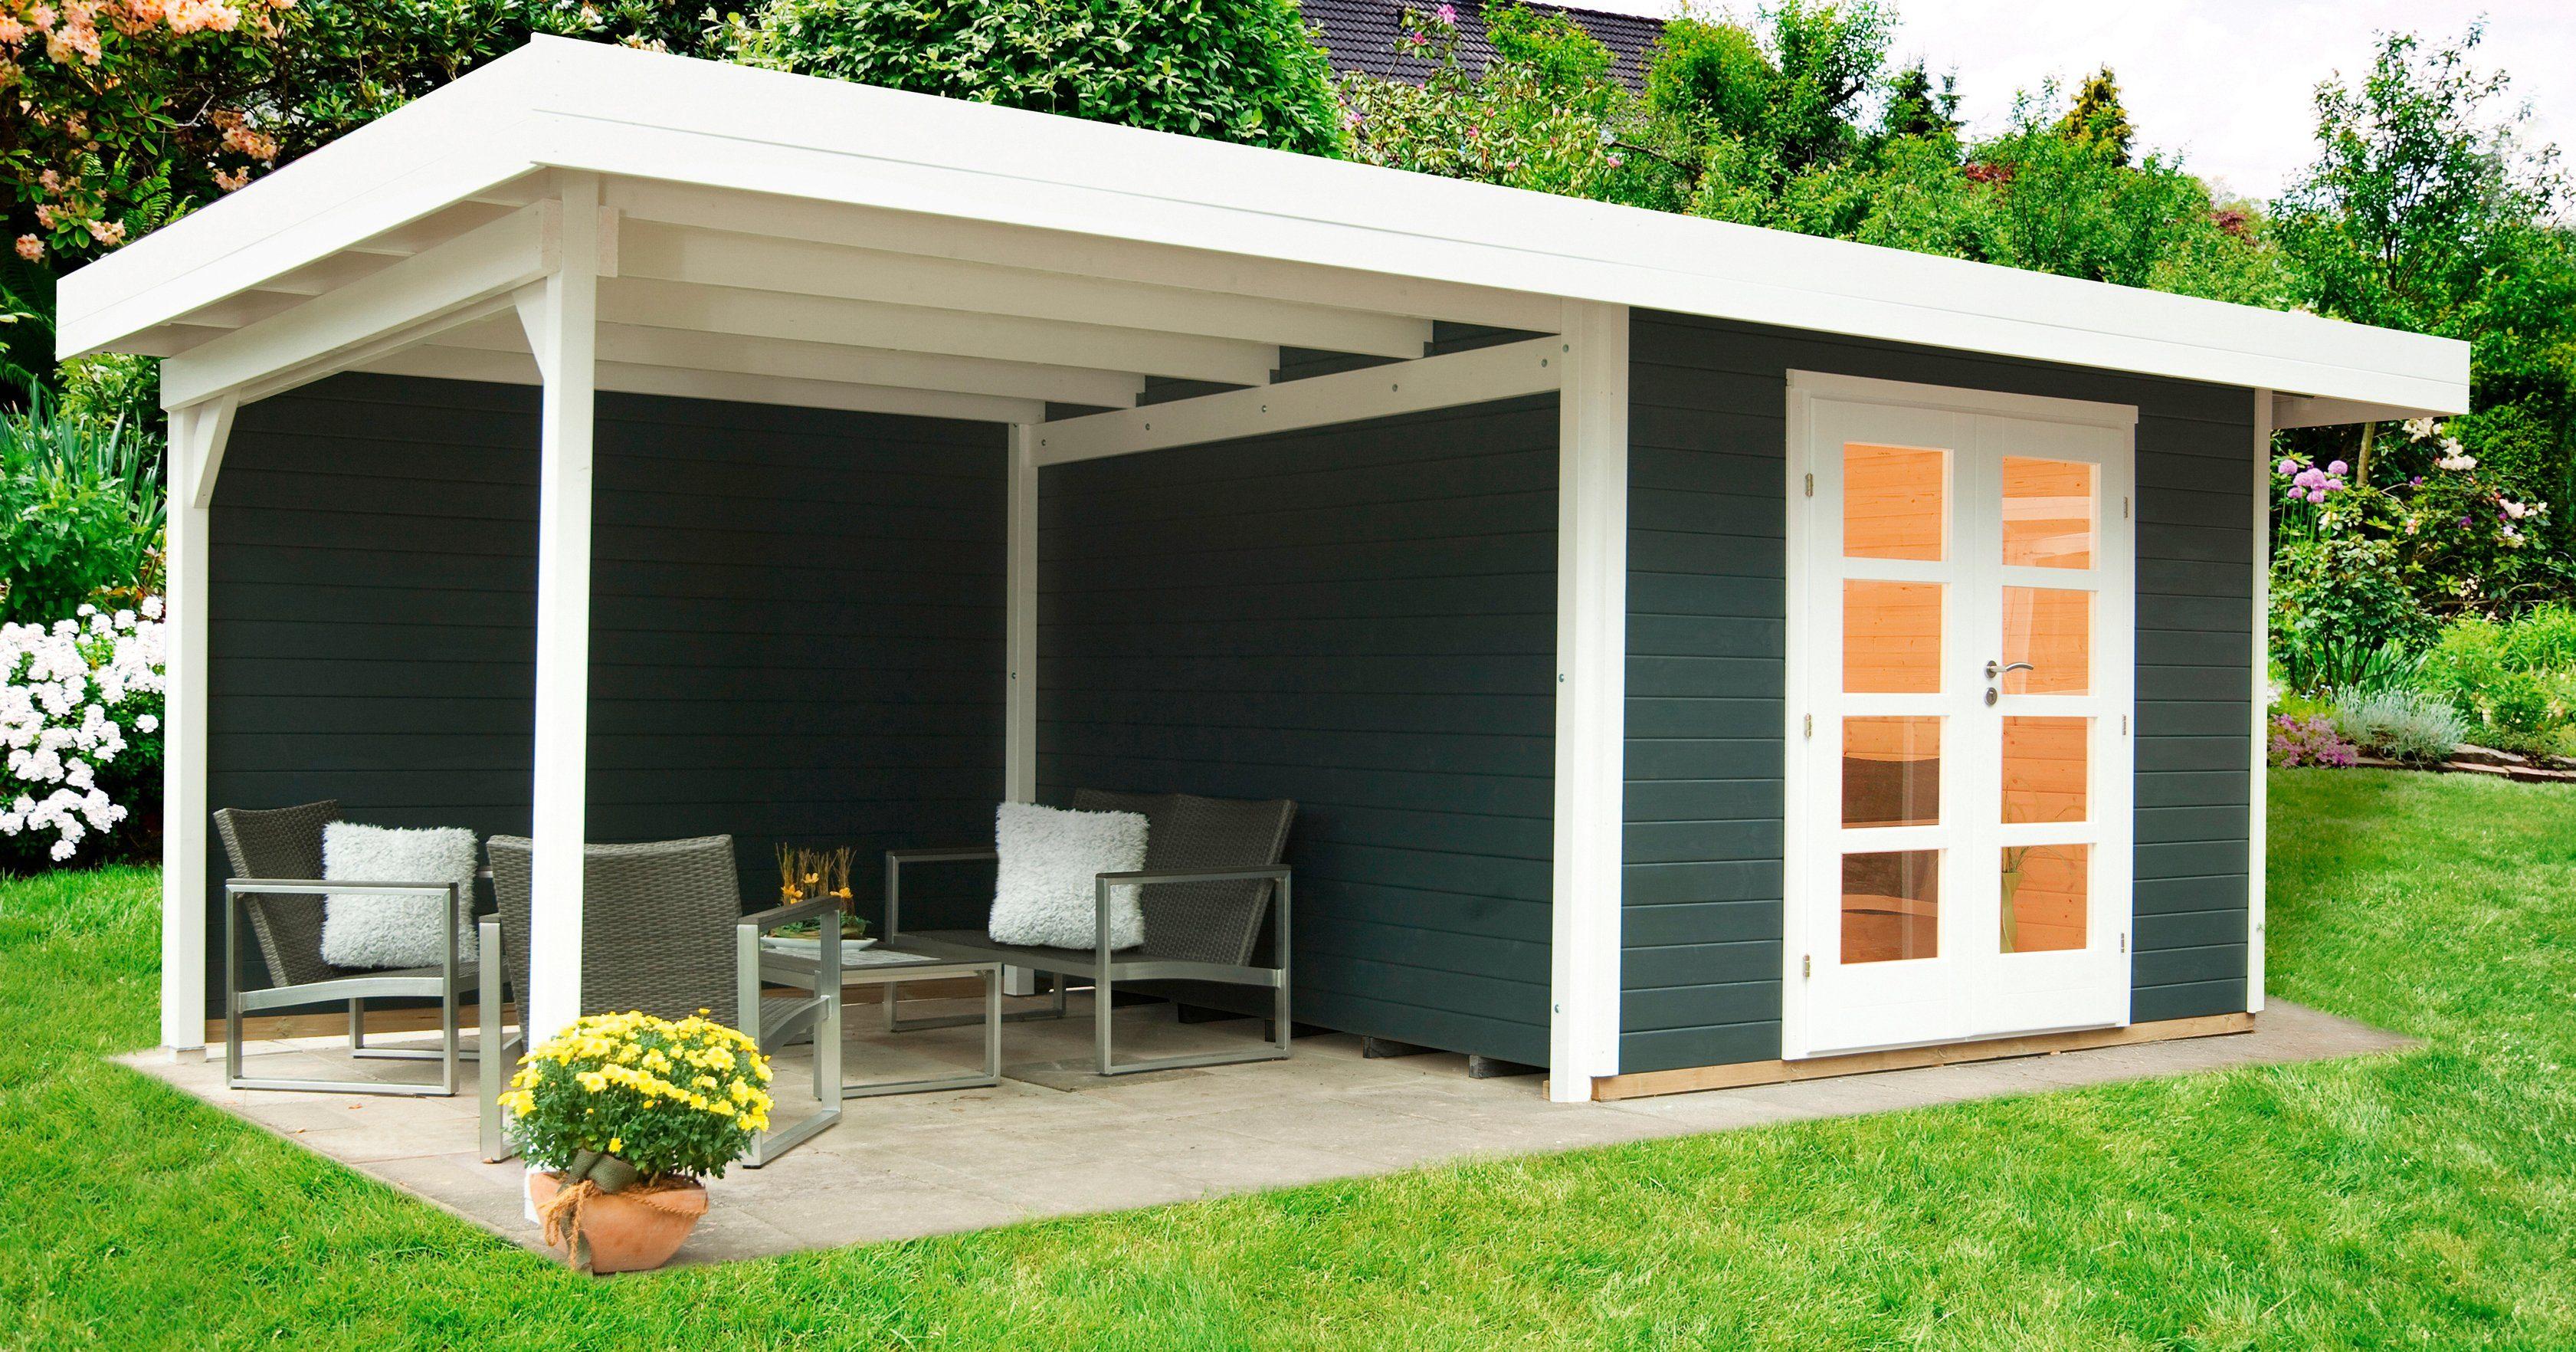 WOLFF Gartenhaus »Relax Lounge C«, BxT: 645x371 cm, anthrazit